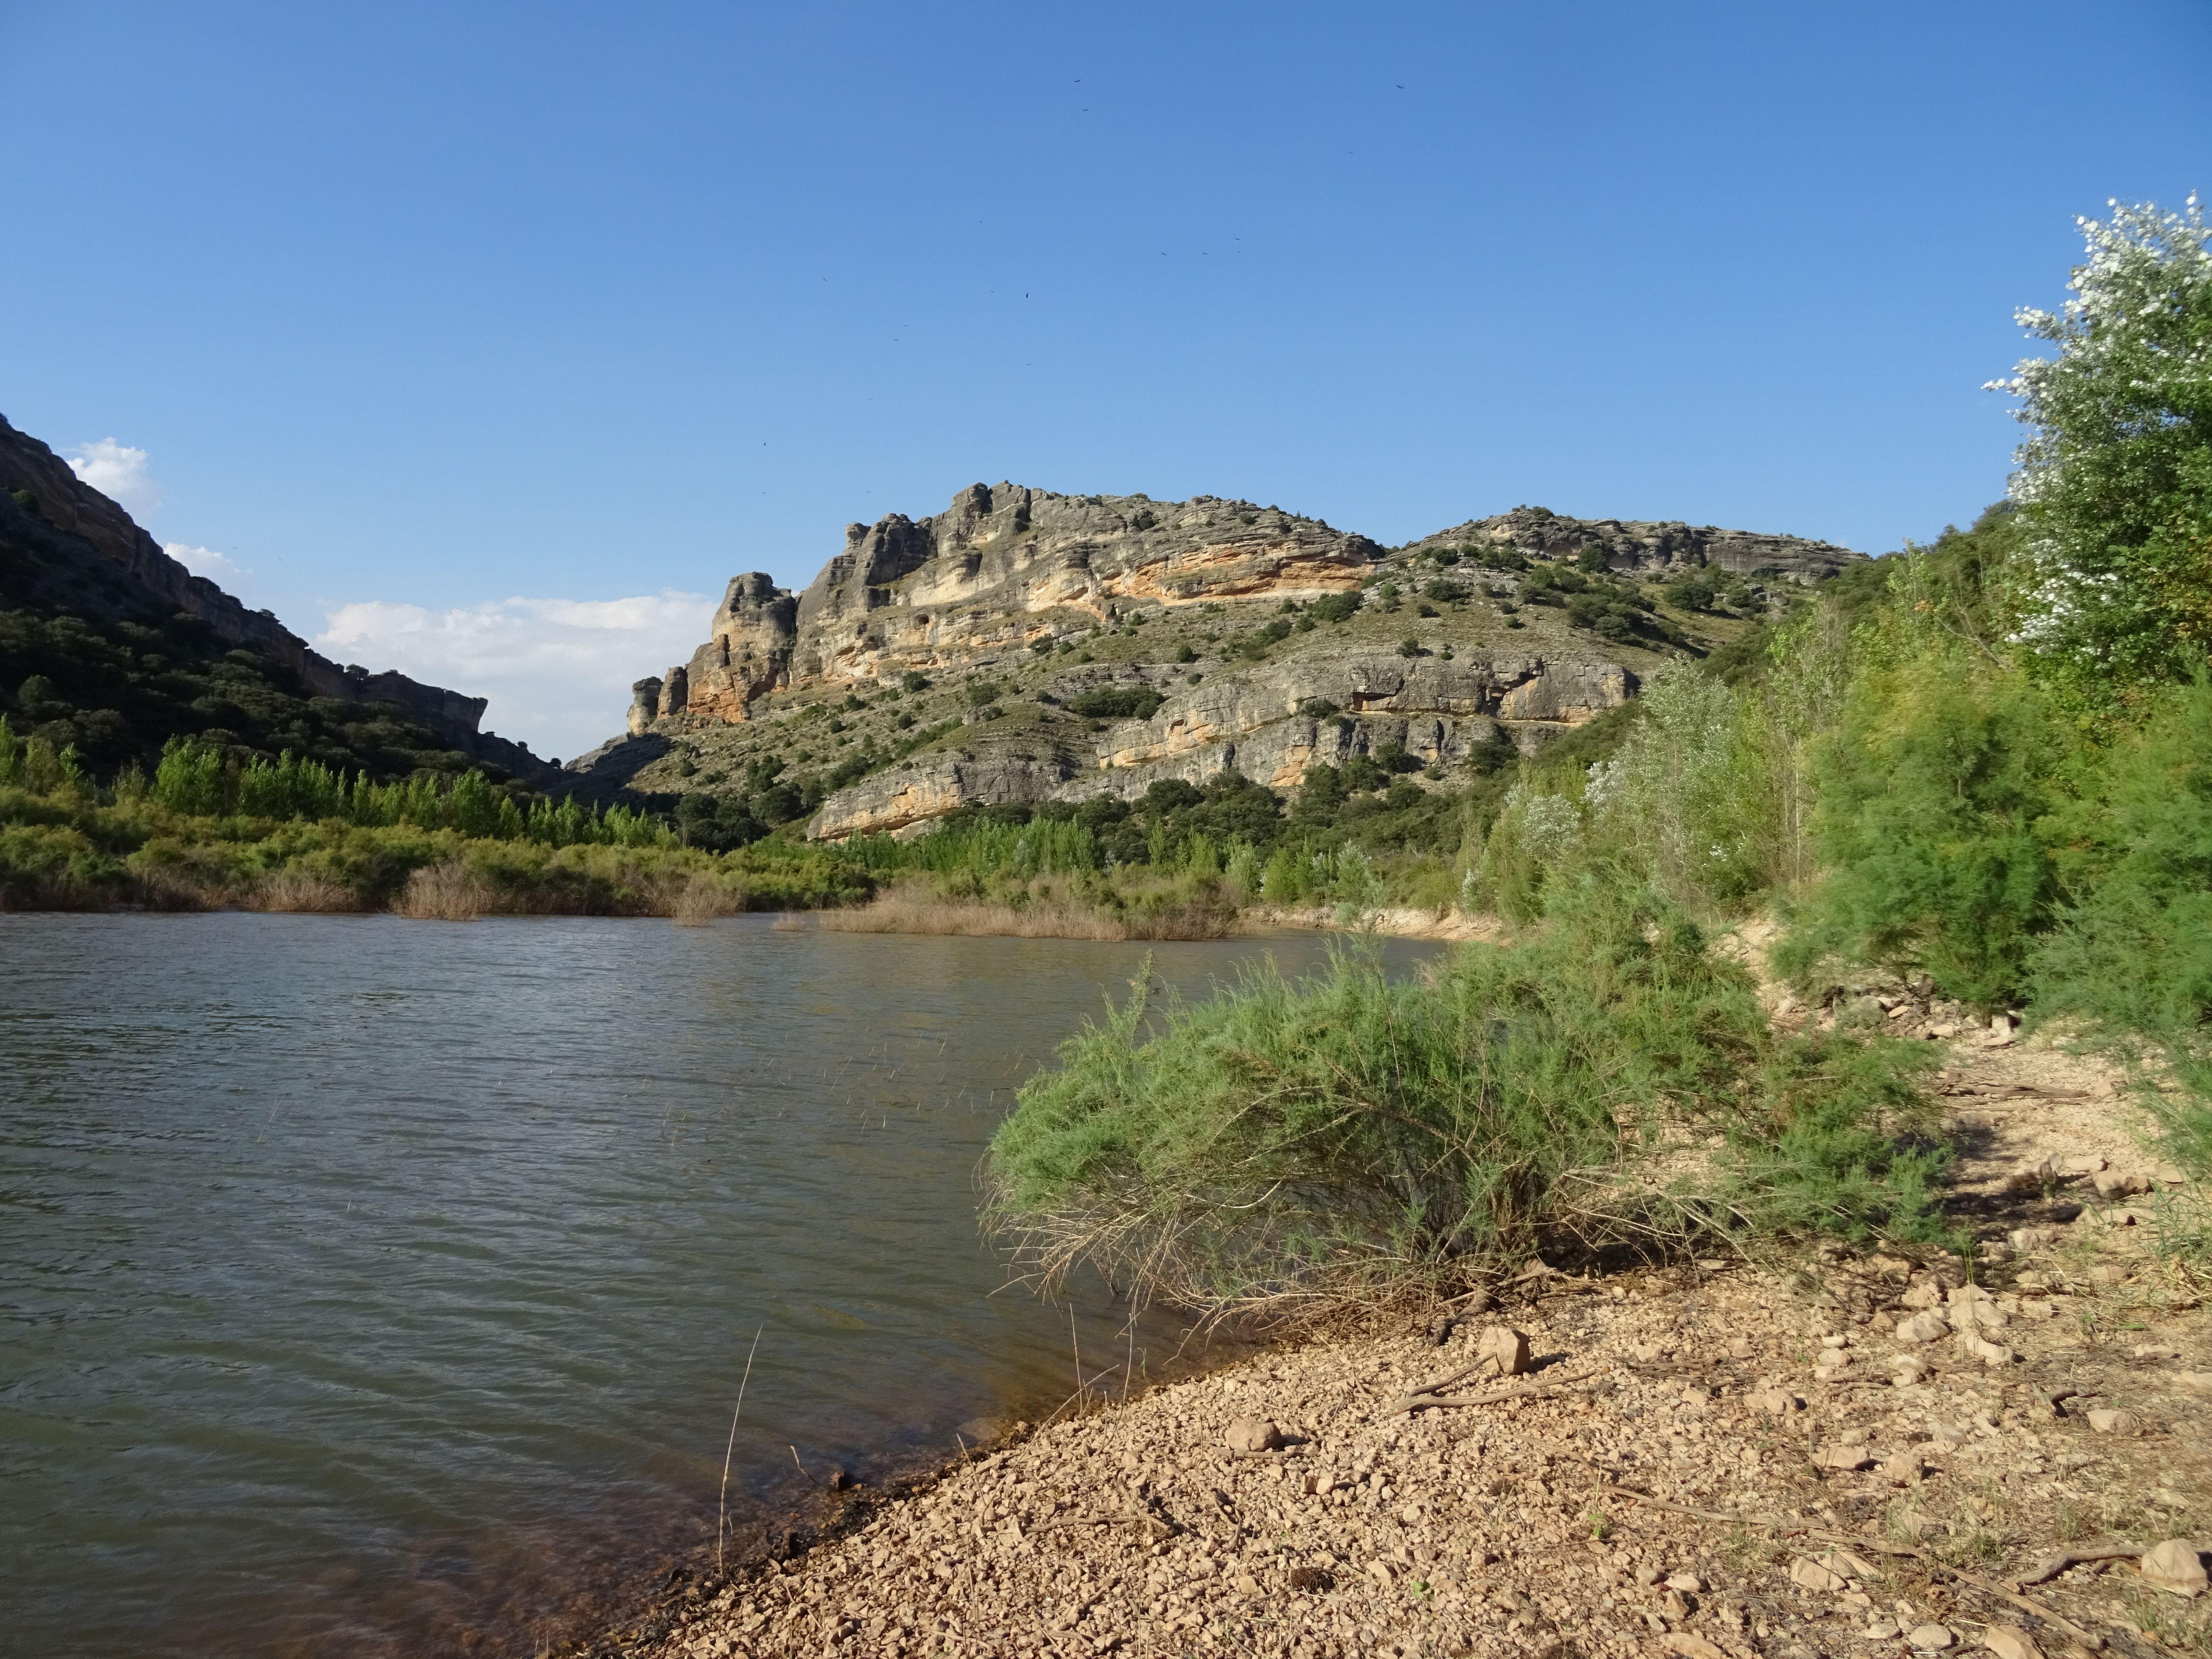 El embalse de El Atance, al fondo vemos las rocas que conforman la Hoz del río Salado, entre ellos se destaca el bosque de ribera seguido del encinar propio de esta zona